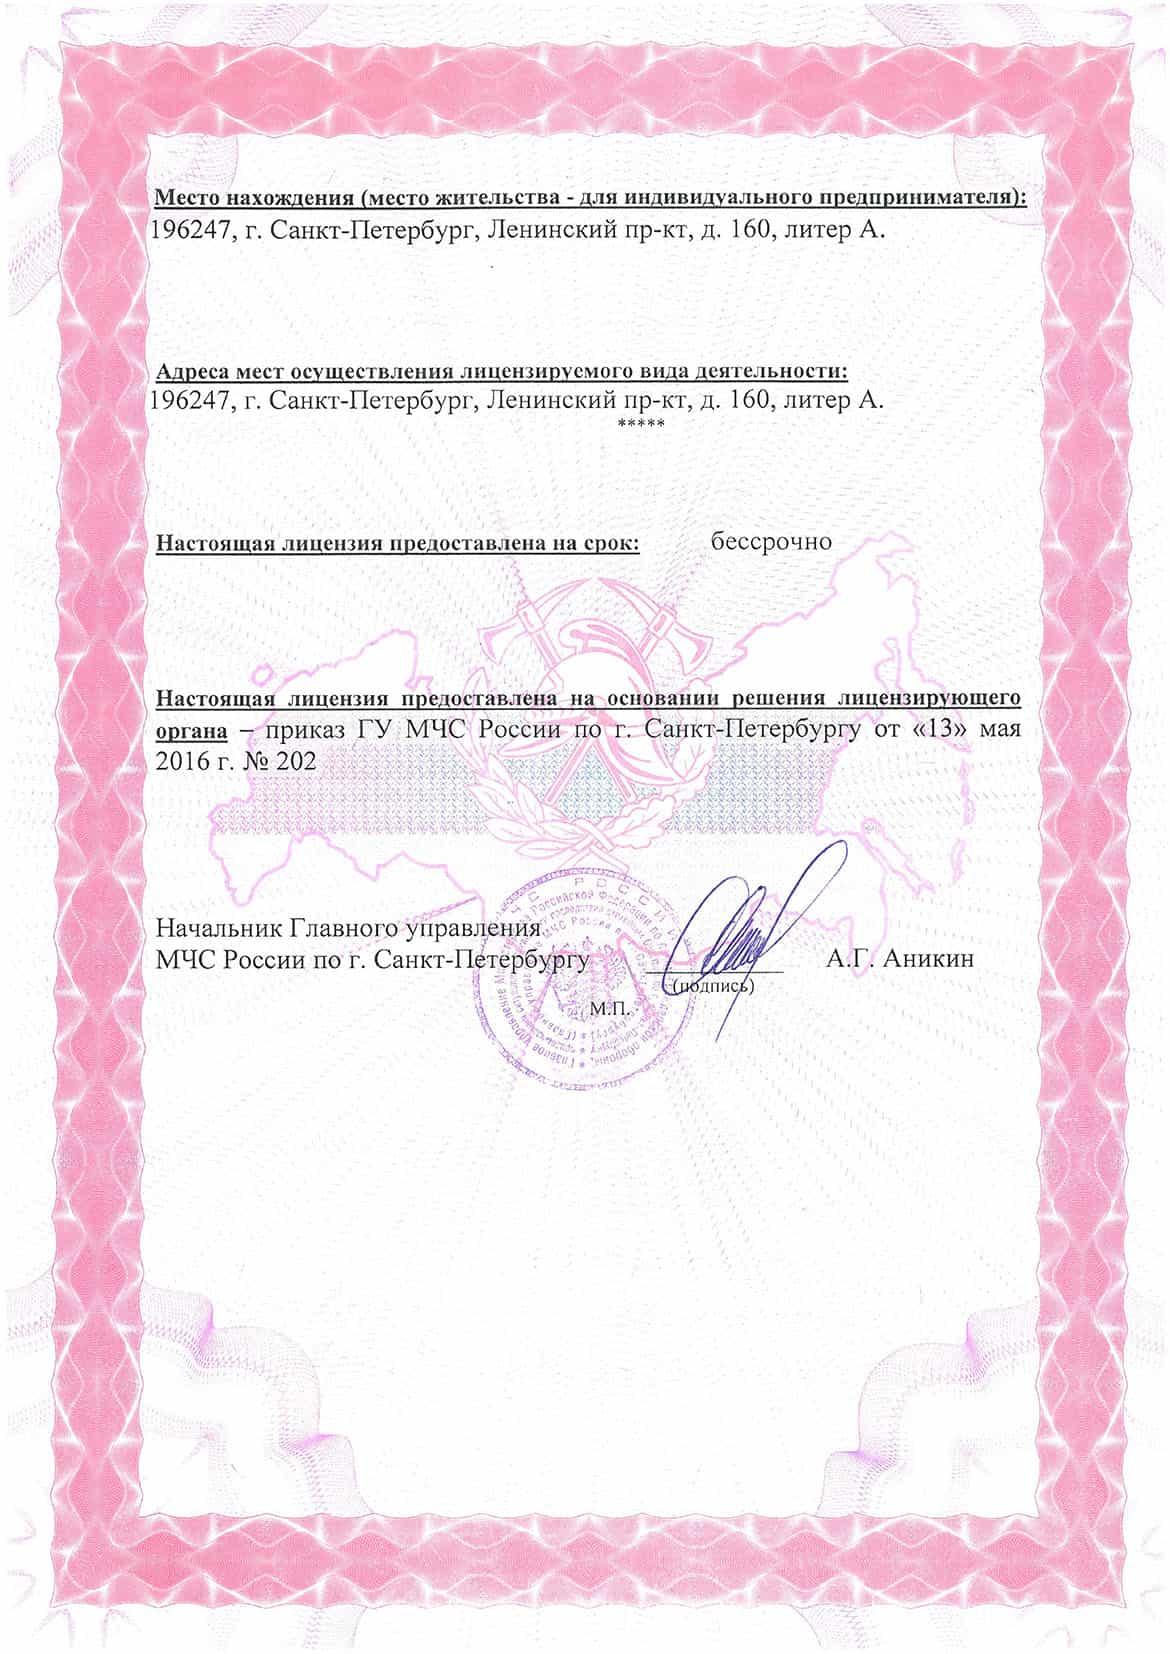 Лицензия МЧС ООО ПромЭнерго 2